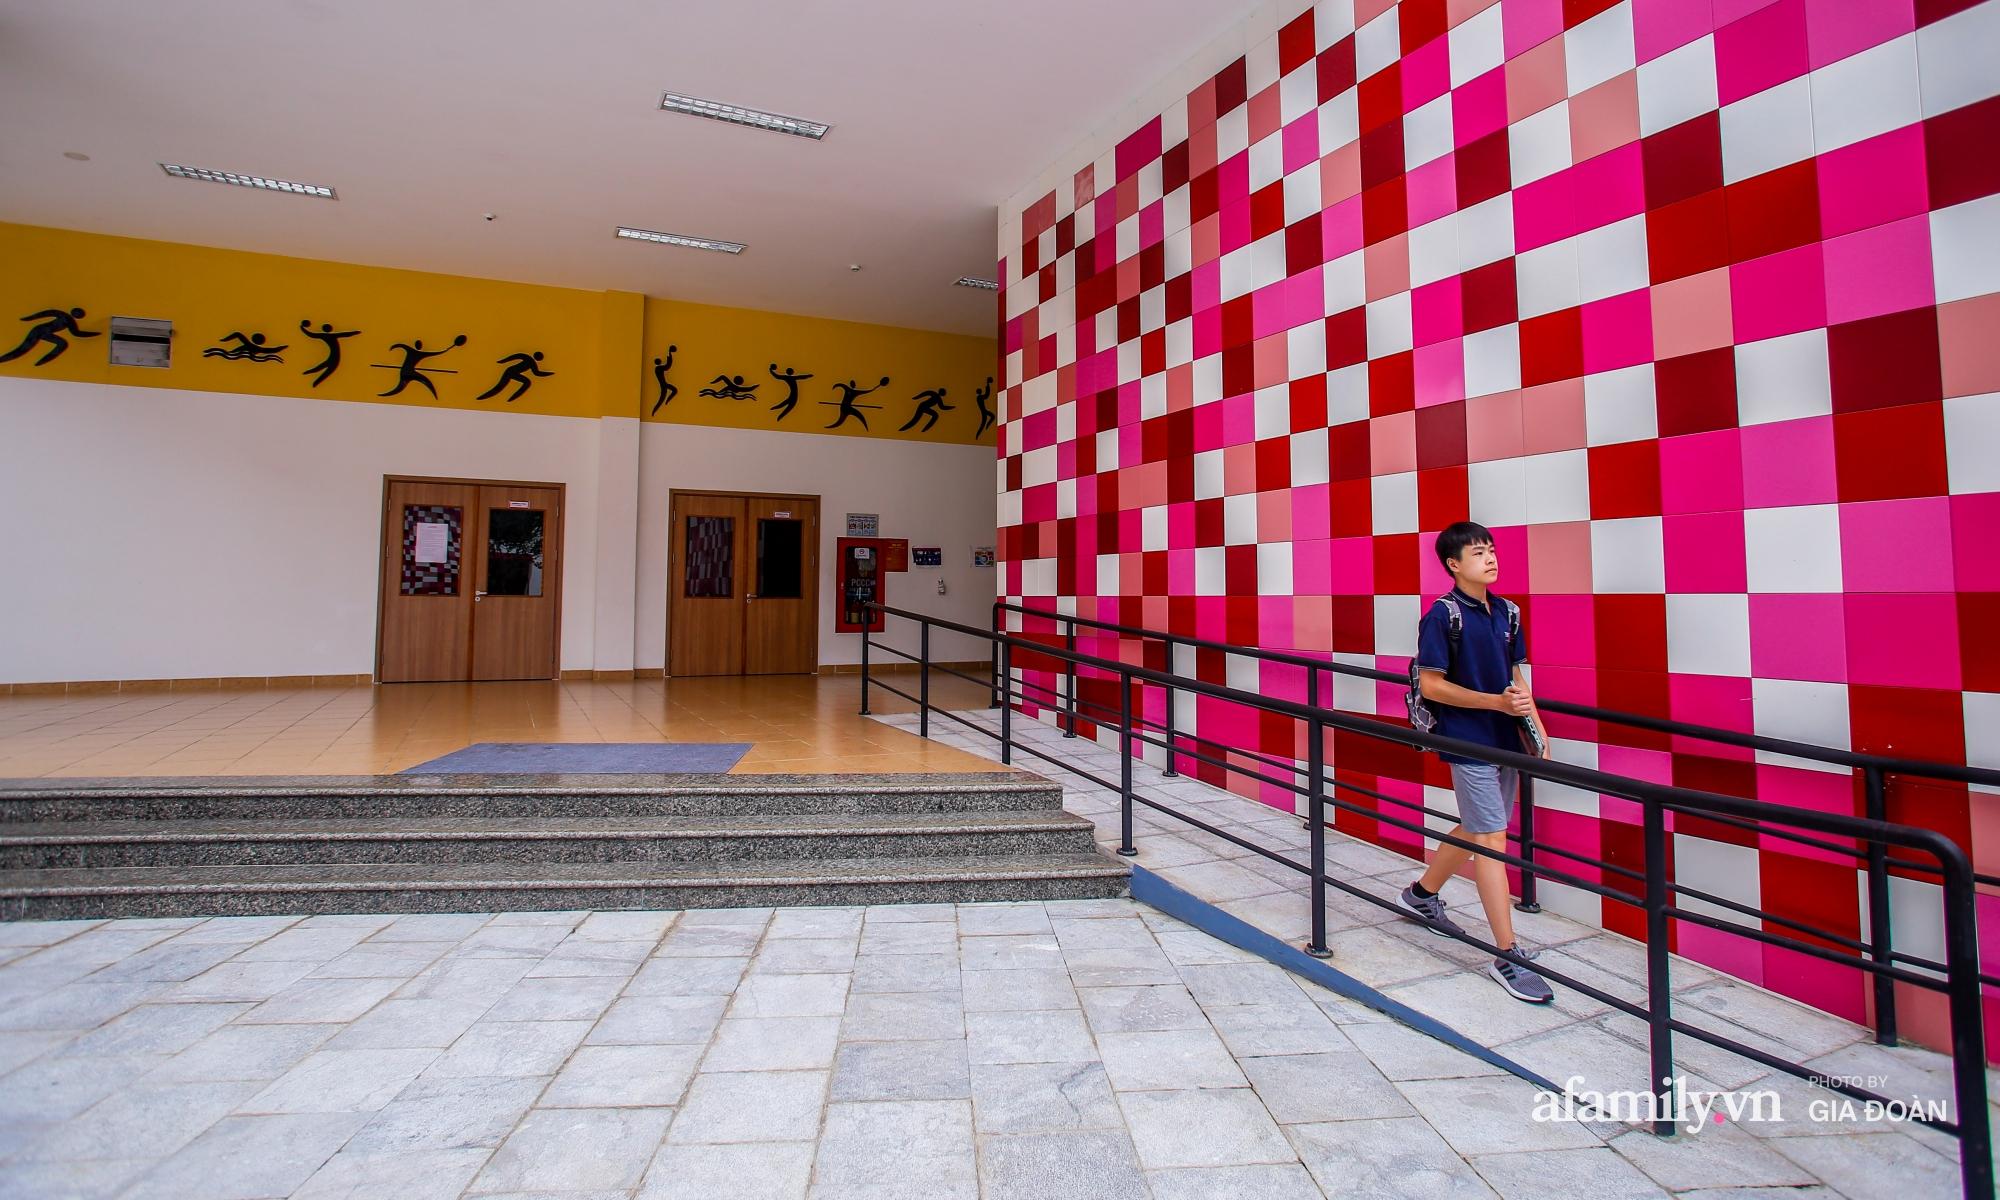 """""""Đột nhập"""" trường nội trú chuẩn quốc tế ở Hà Nội: Học phí nửa tỷ đồng/năm, con đi học một thời gian mà thay đổi 180 độ - Ảnh 5."""